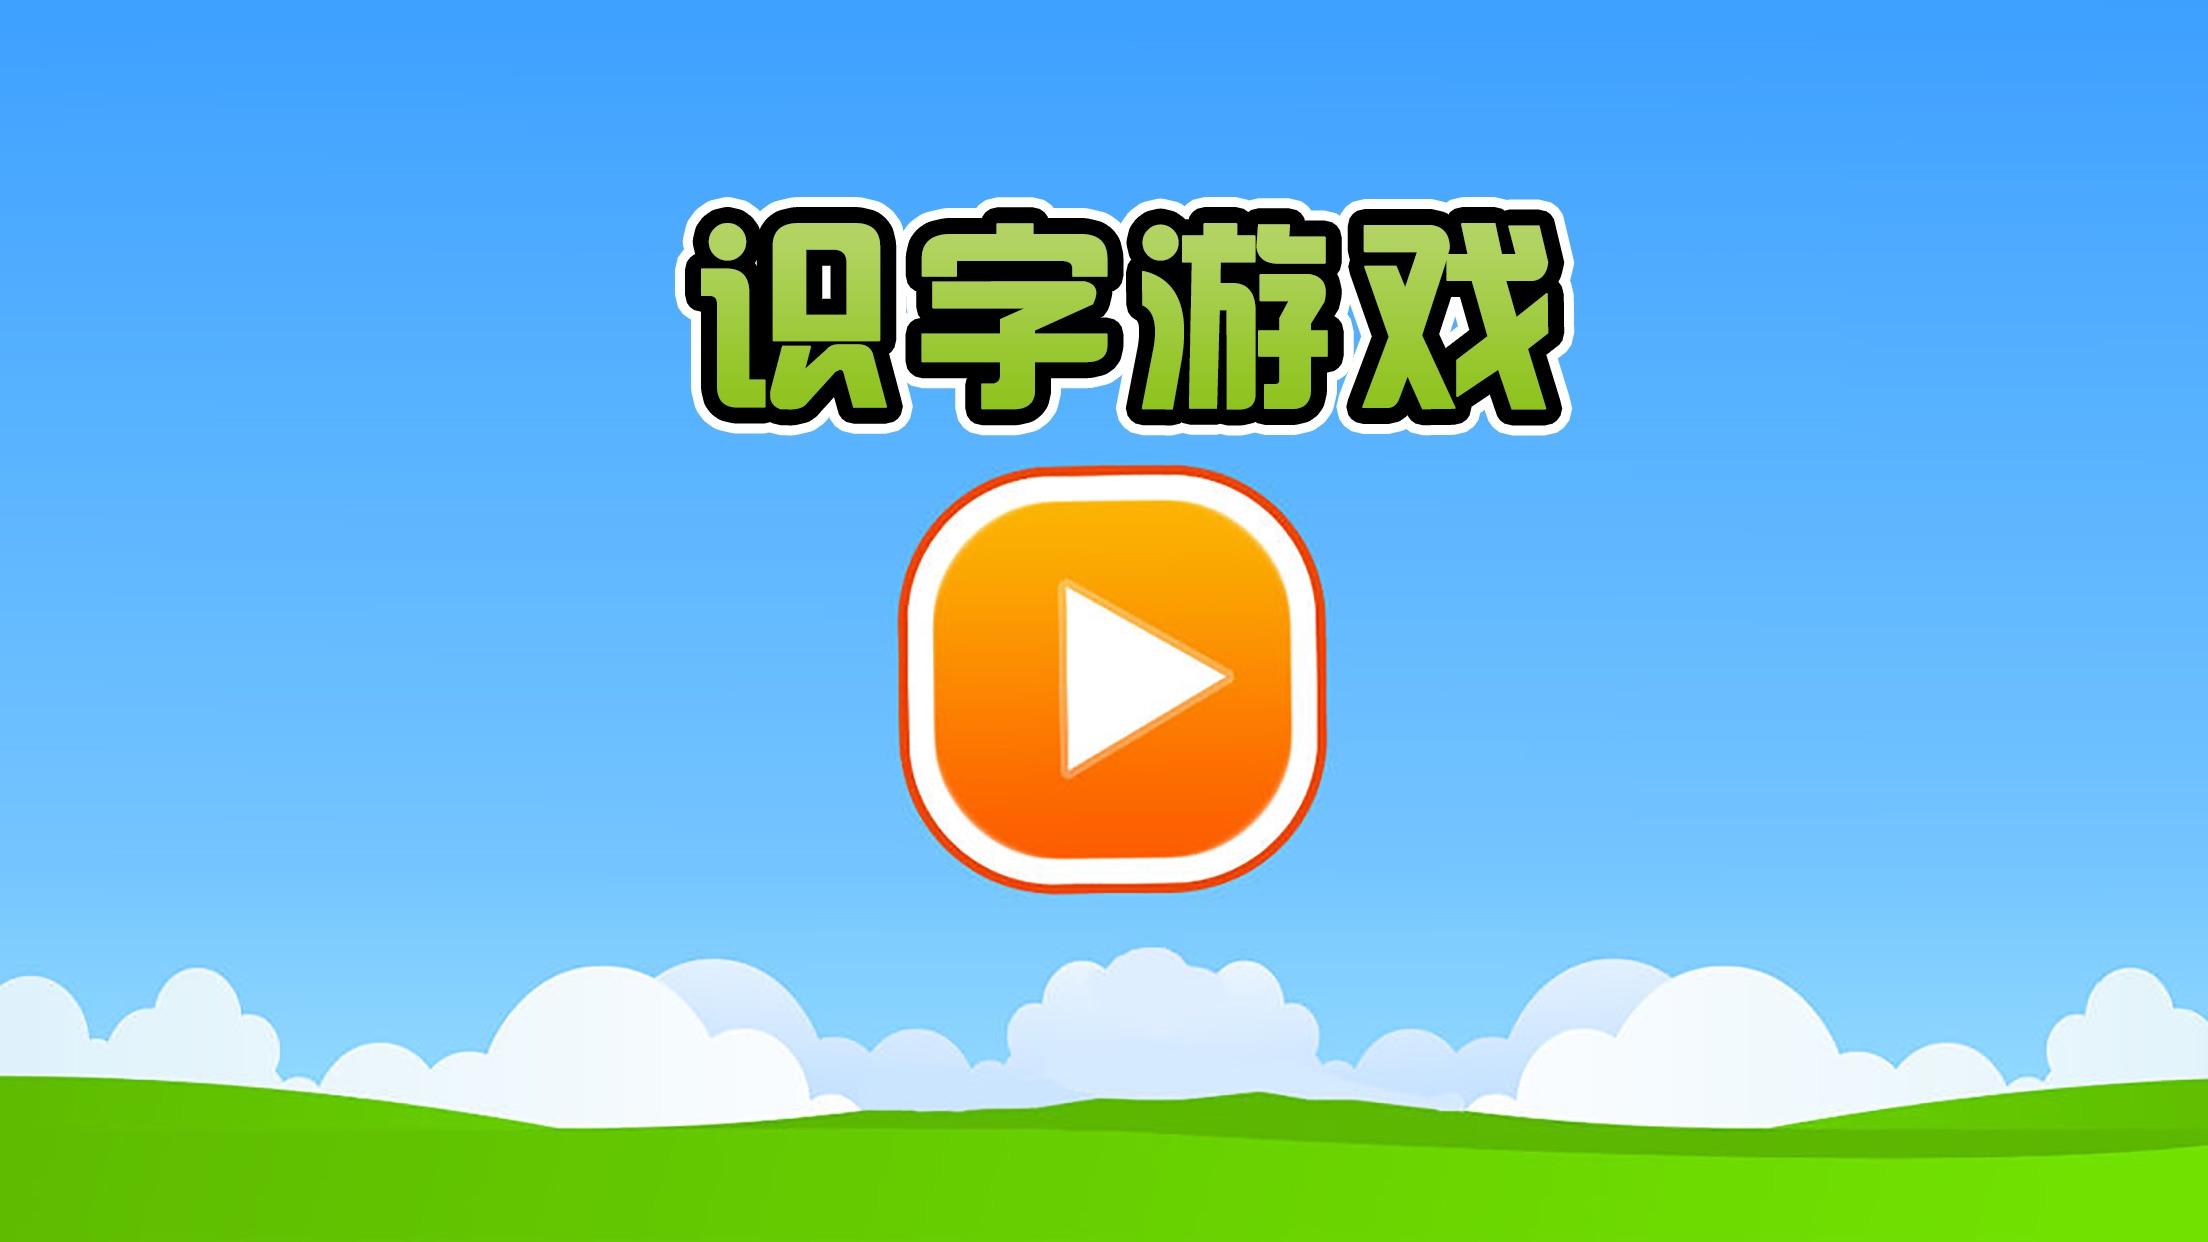 识字游戏 - 识字认字游戏学前教育 Screenshot